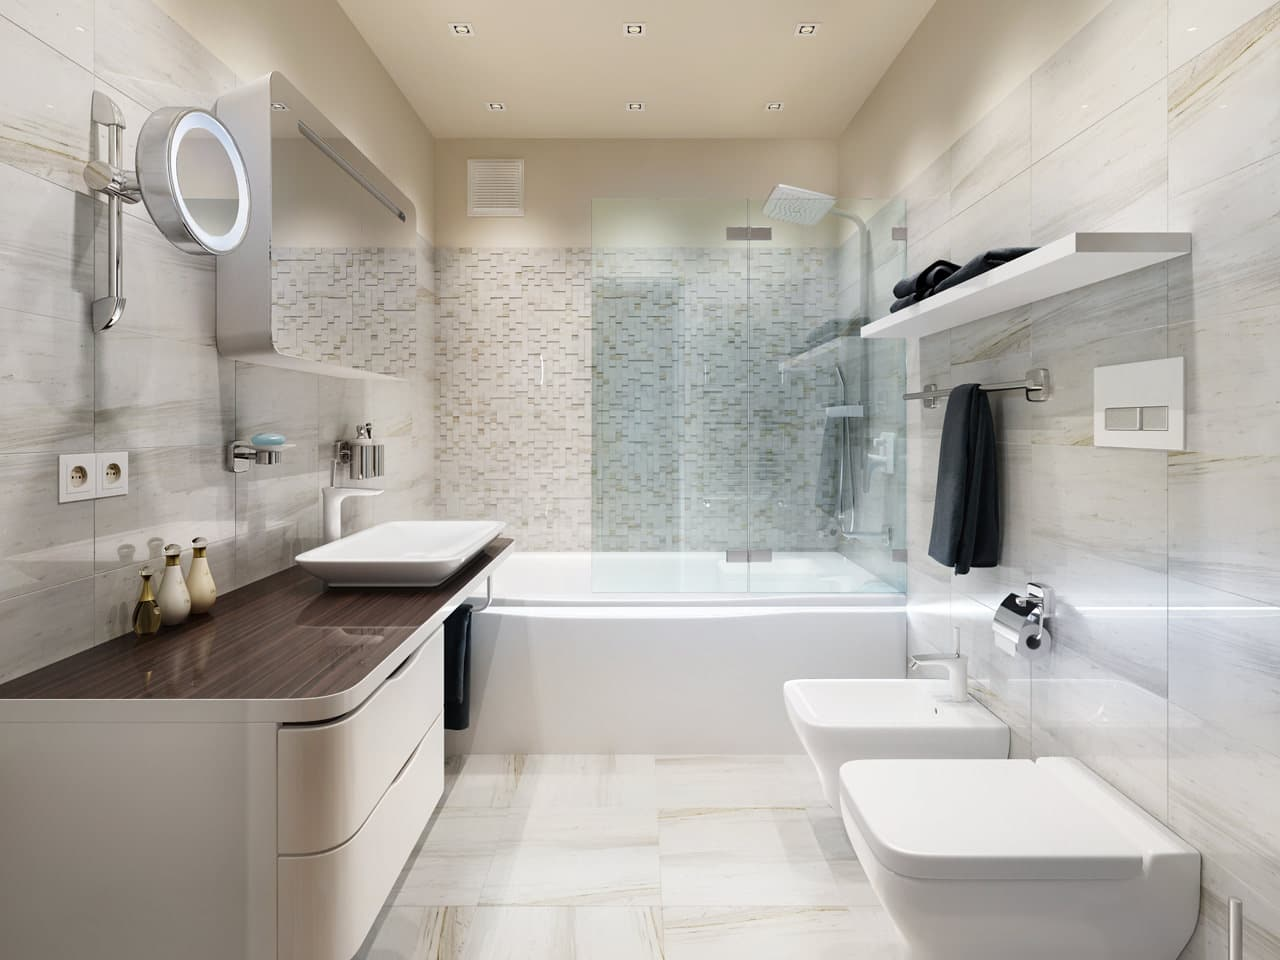 Iluminacion Baño Moderno:Decoración de interiores modernos, ideas para renovar tu sala, cocina